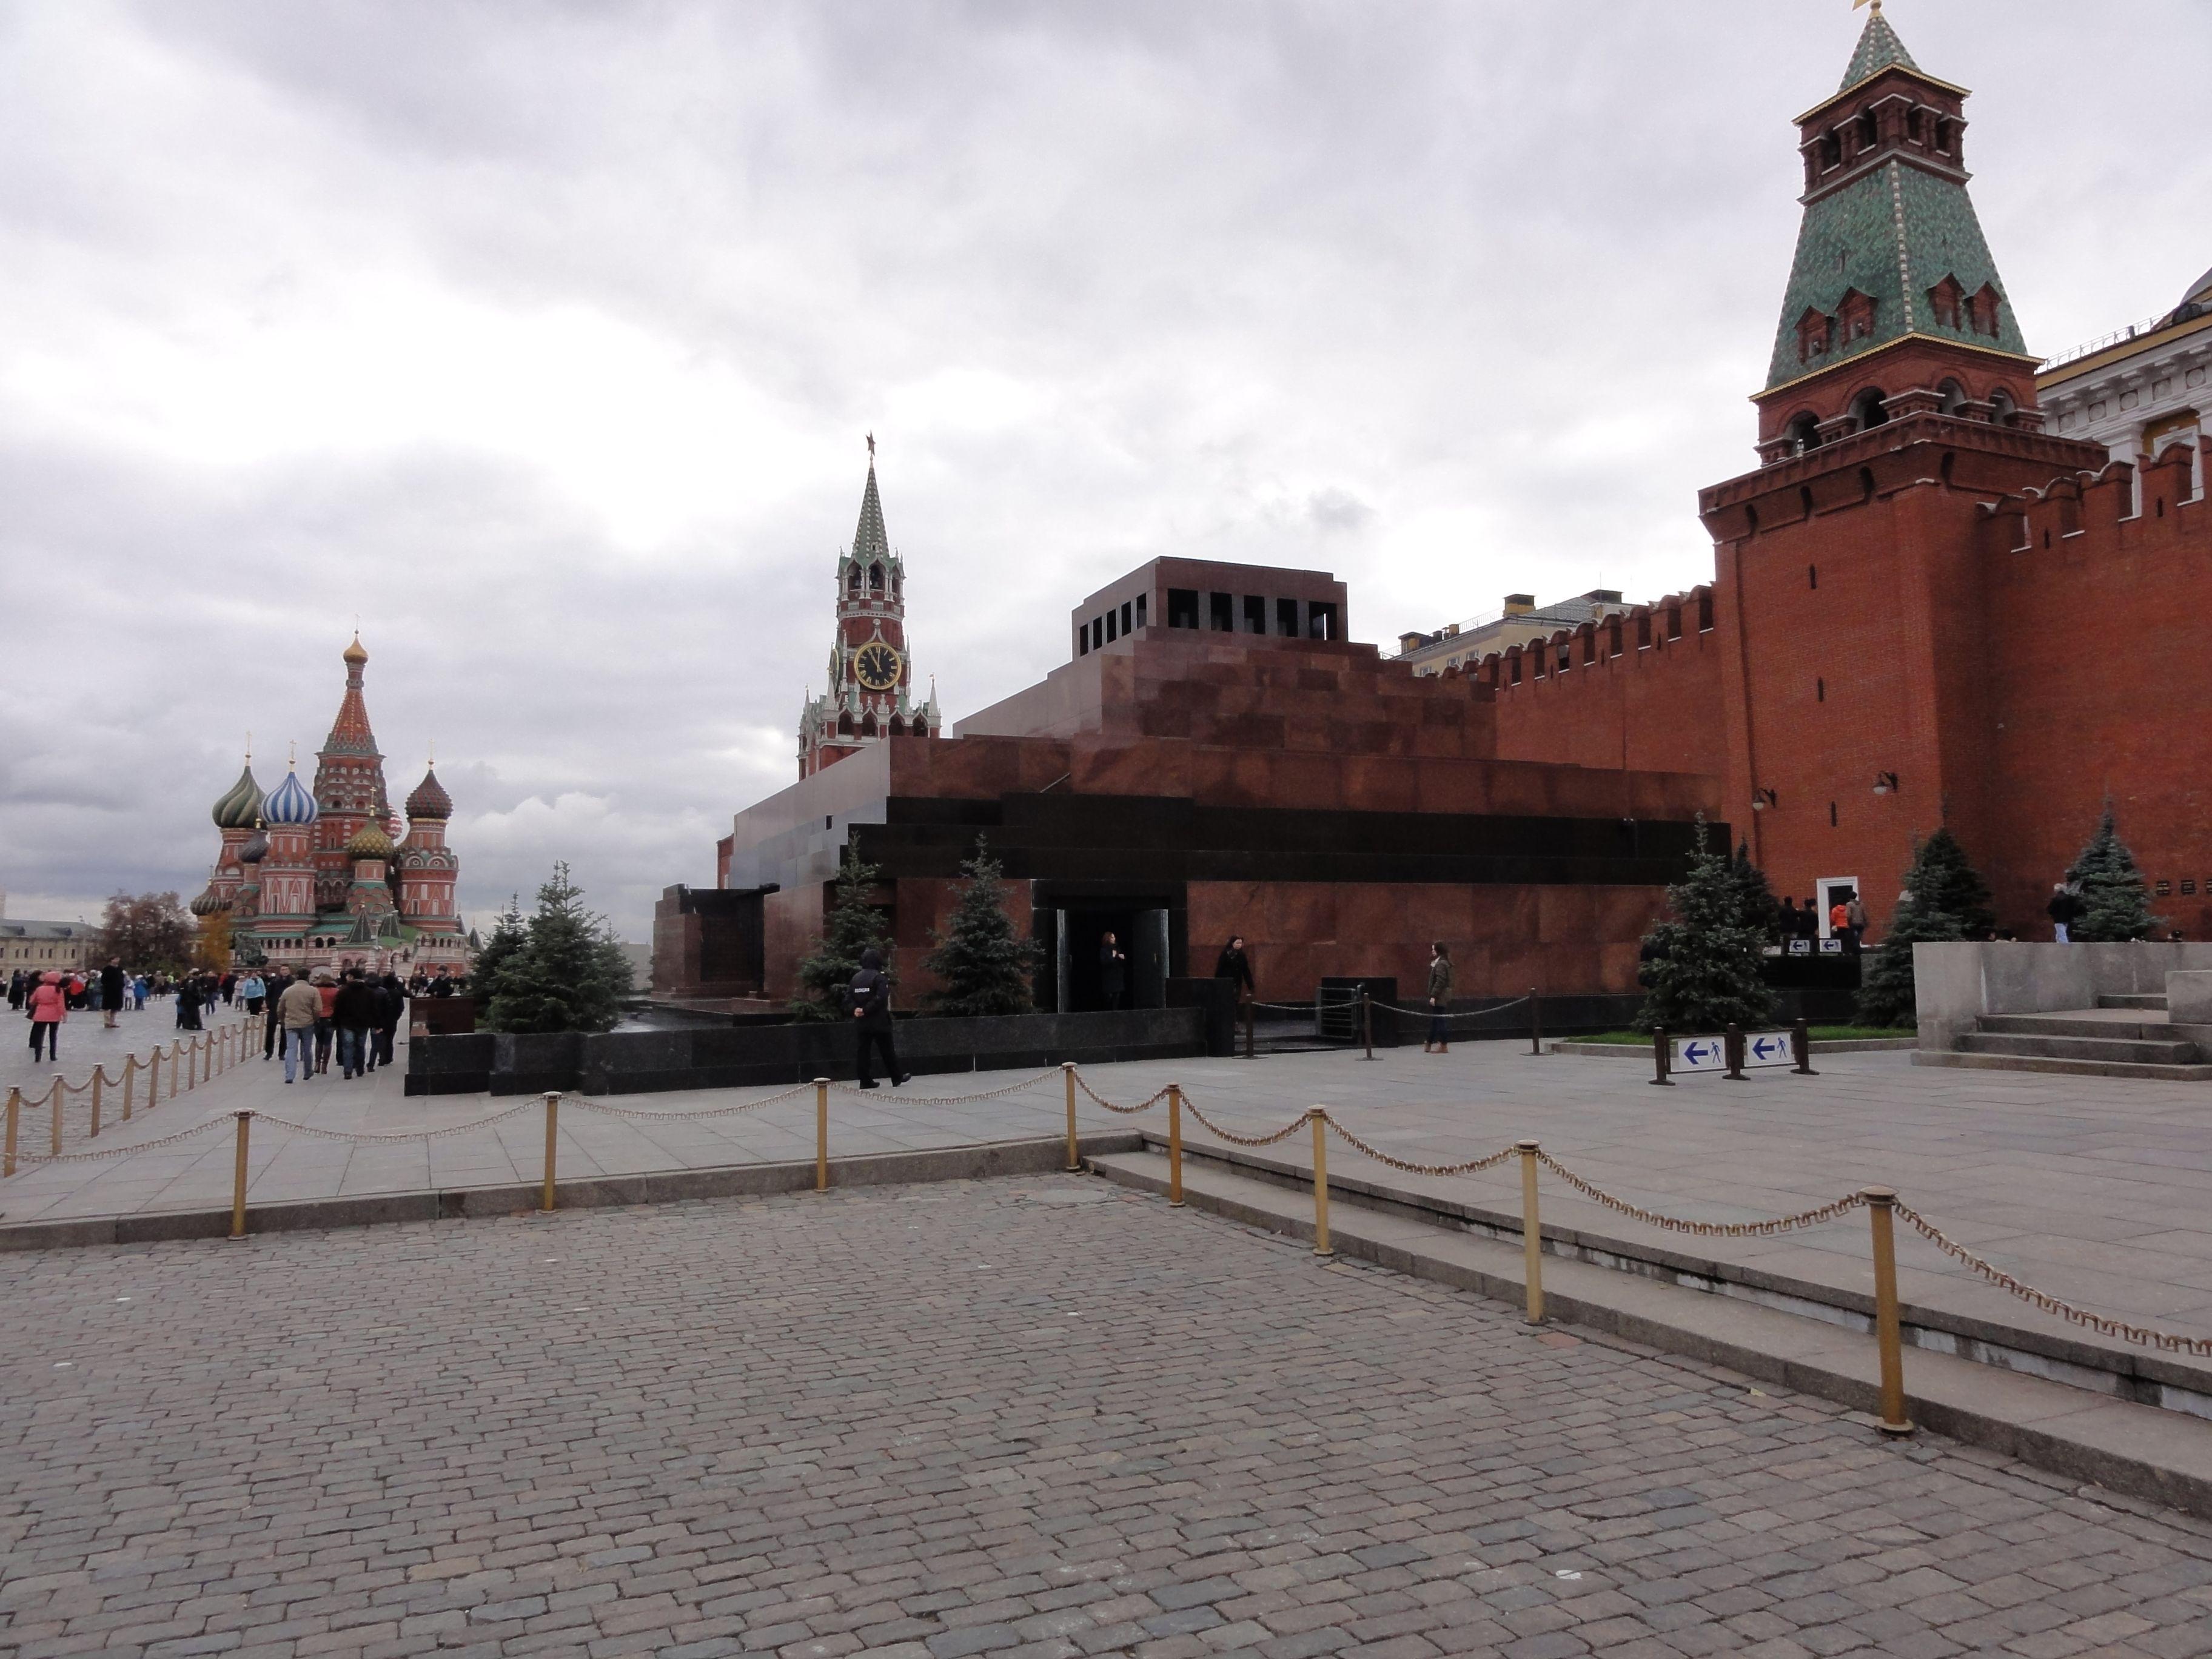 Het Rode Plein met het mausoleum van Lenin op de voorgrond en voor de muren van het Kremlin en de Basilius kathedraal op de achtergrond.